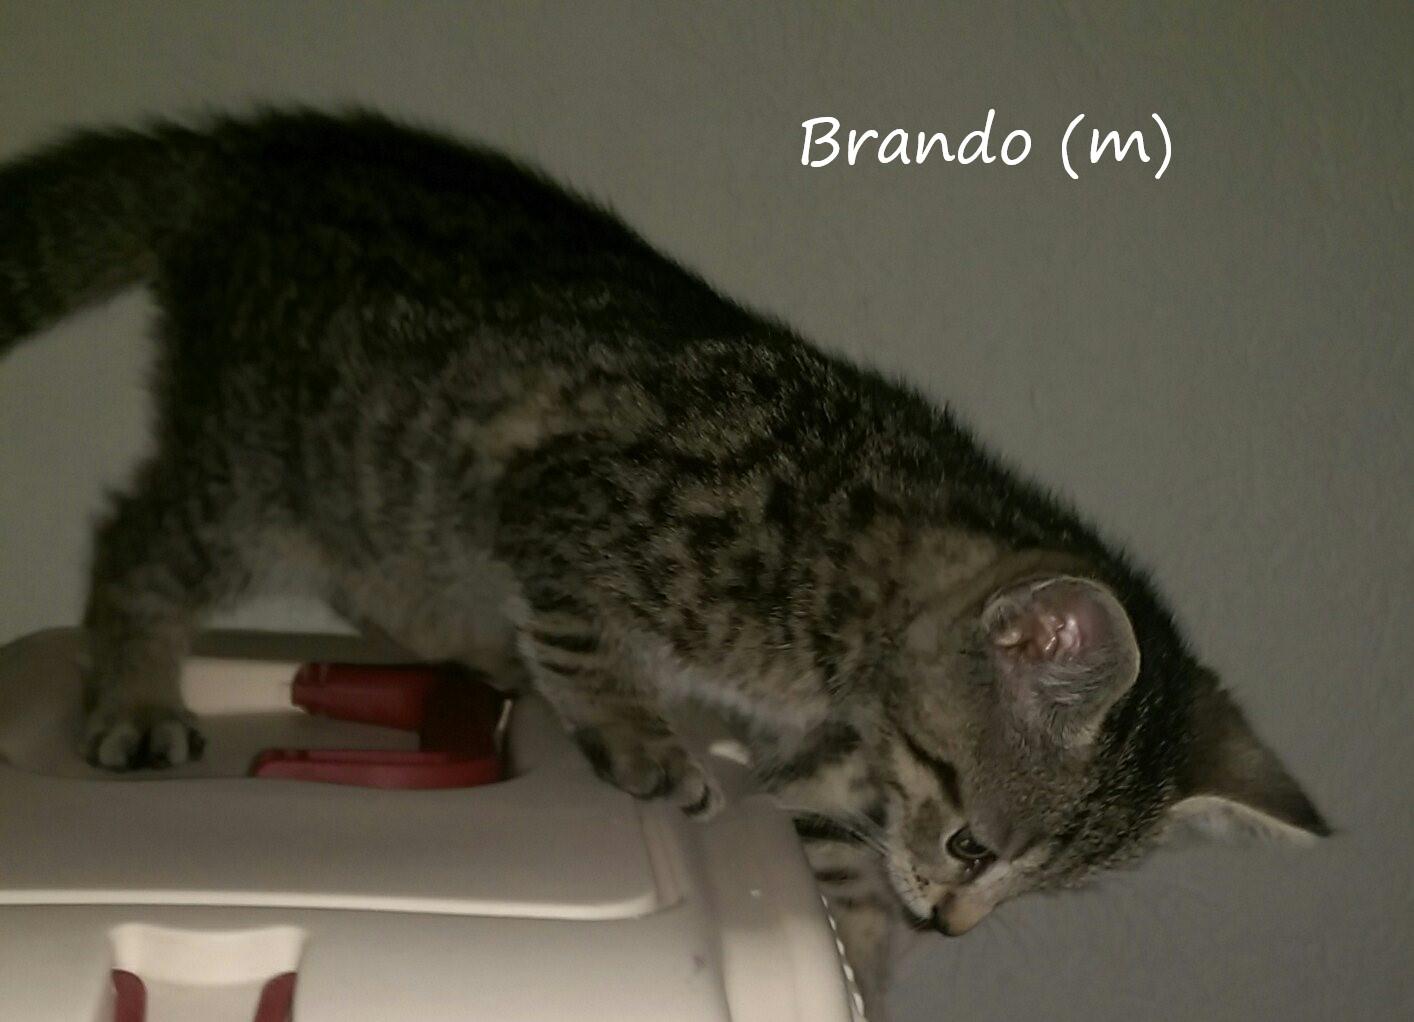 - Brando